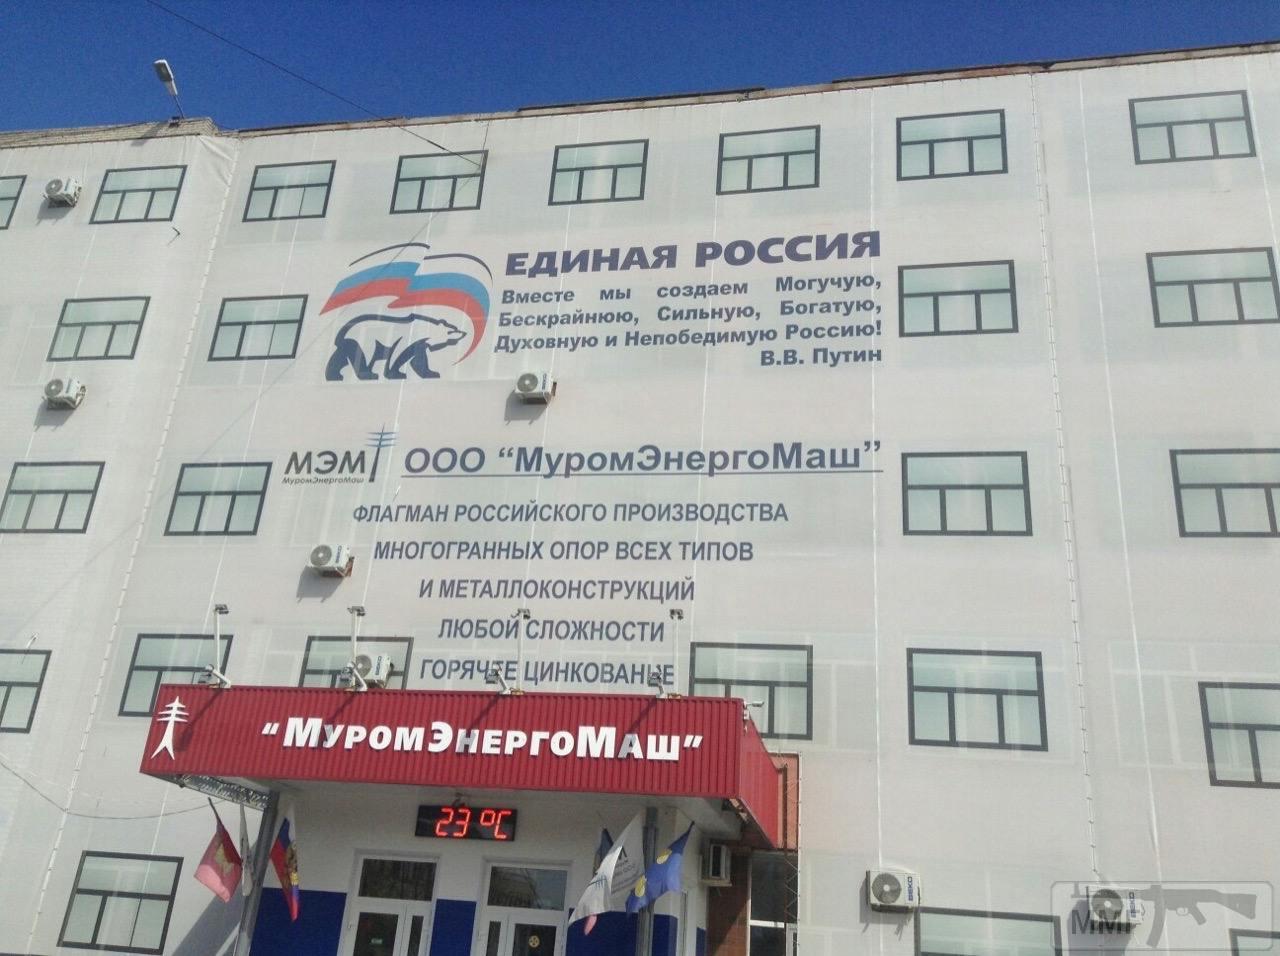 86435 - А в России чудеса!